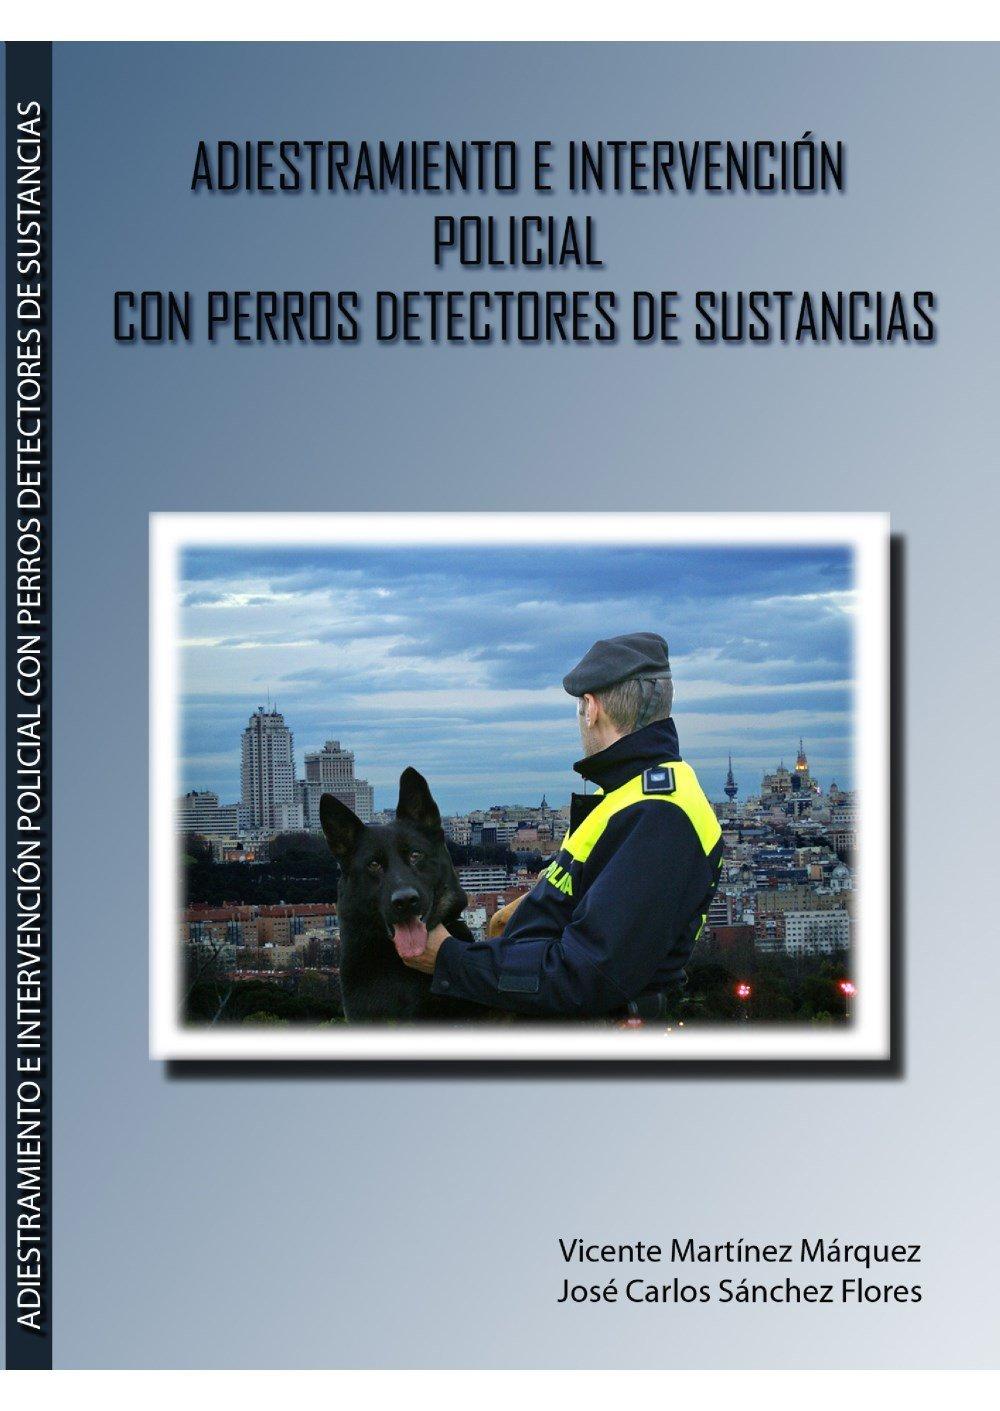 Adiestramiento e intervención policial con perros detectores de sustancias: Amazon.es: Vicente Martínez Márquez, José Carlos Sánchez Flores: Libros